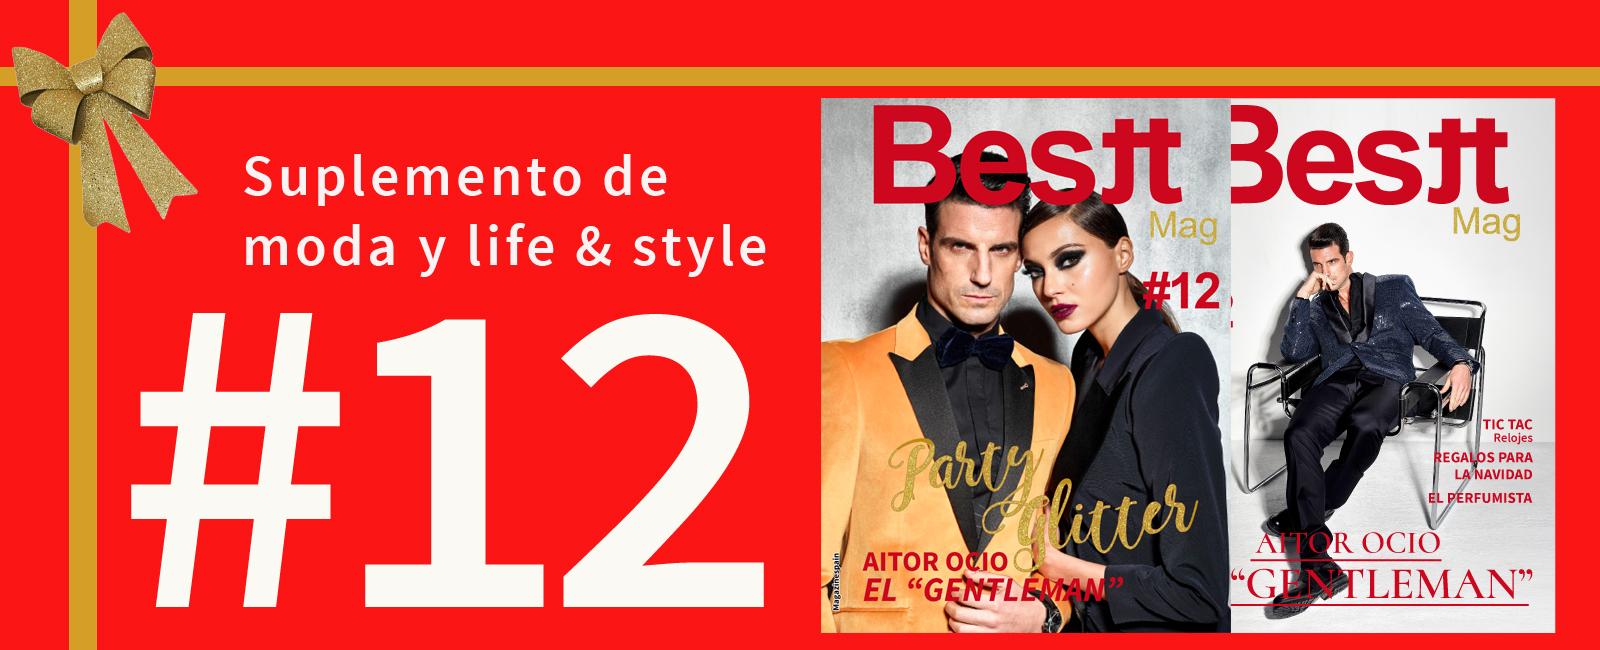 Bestt Mag #12